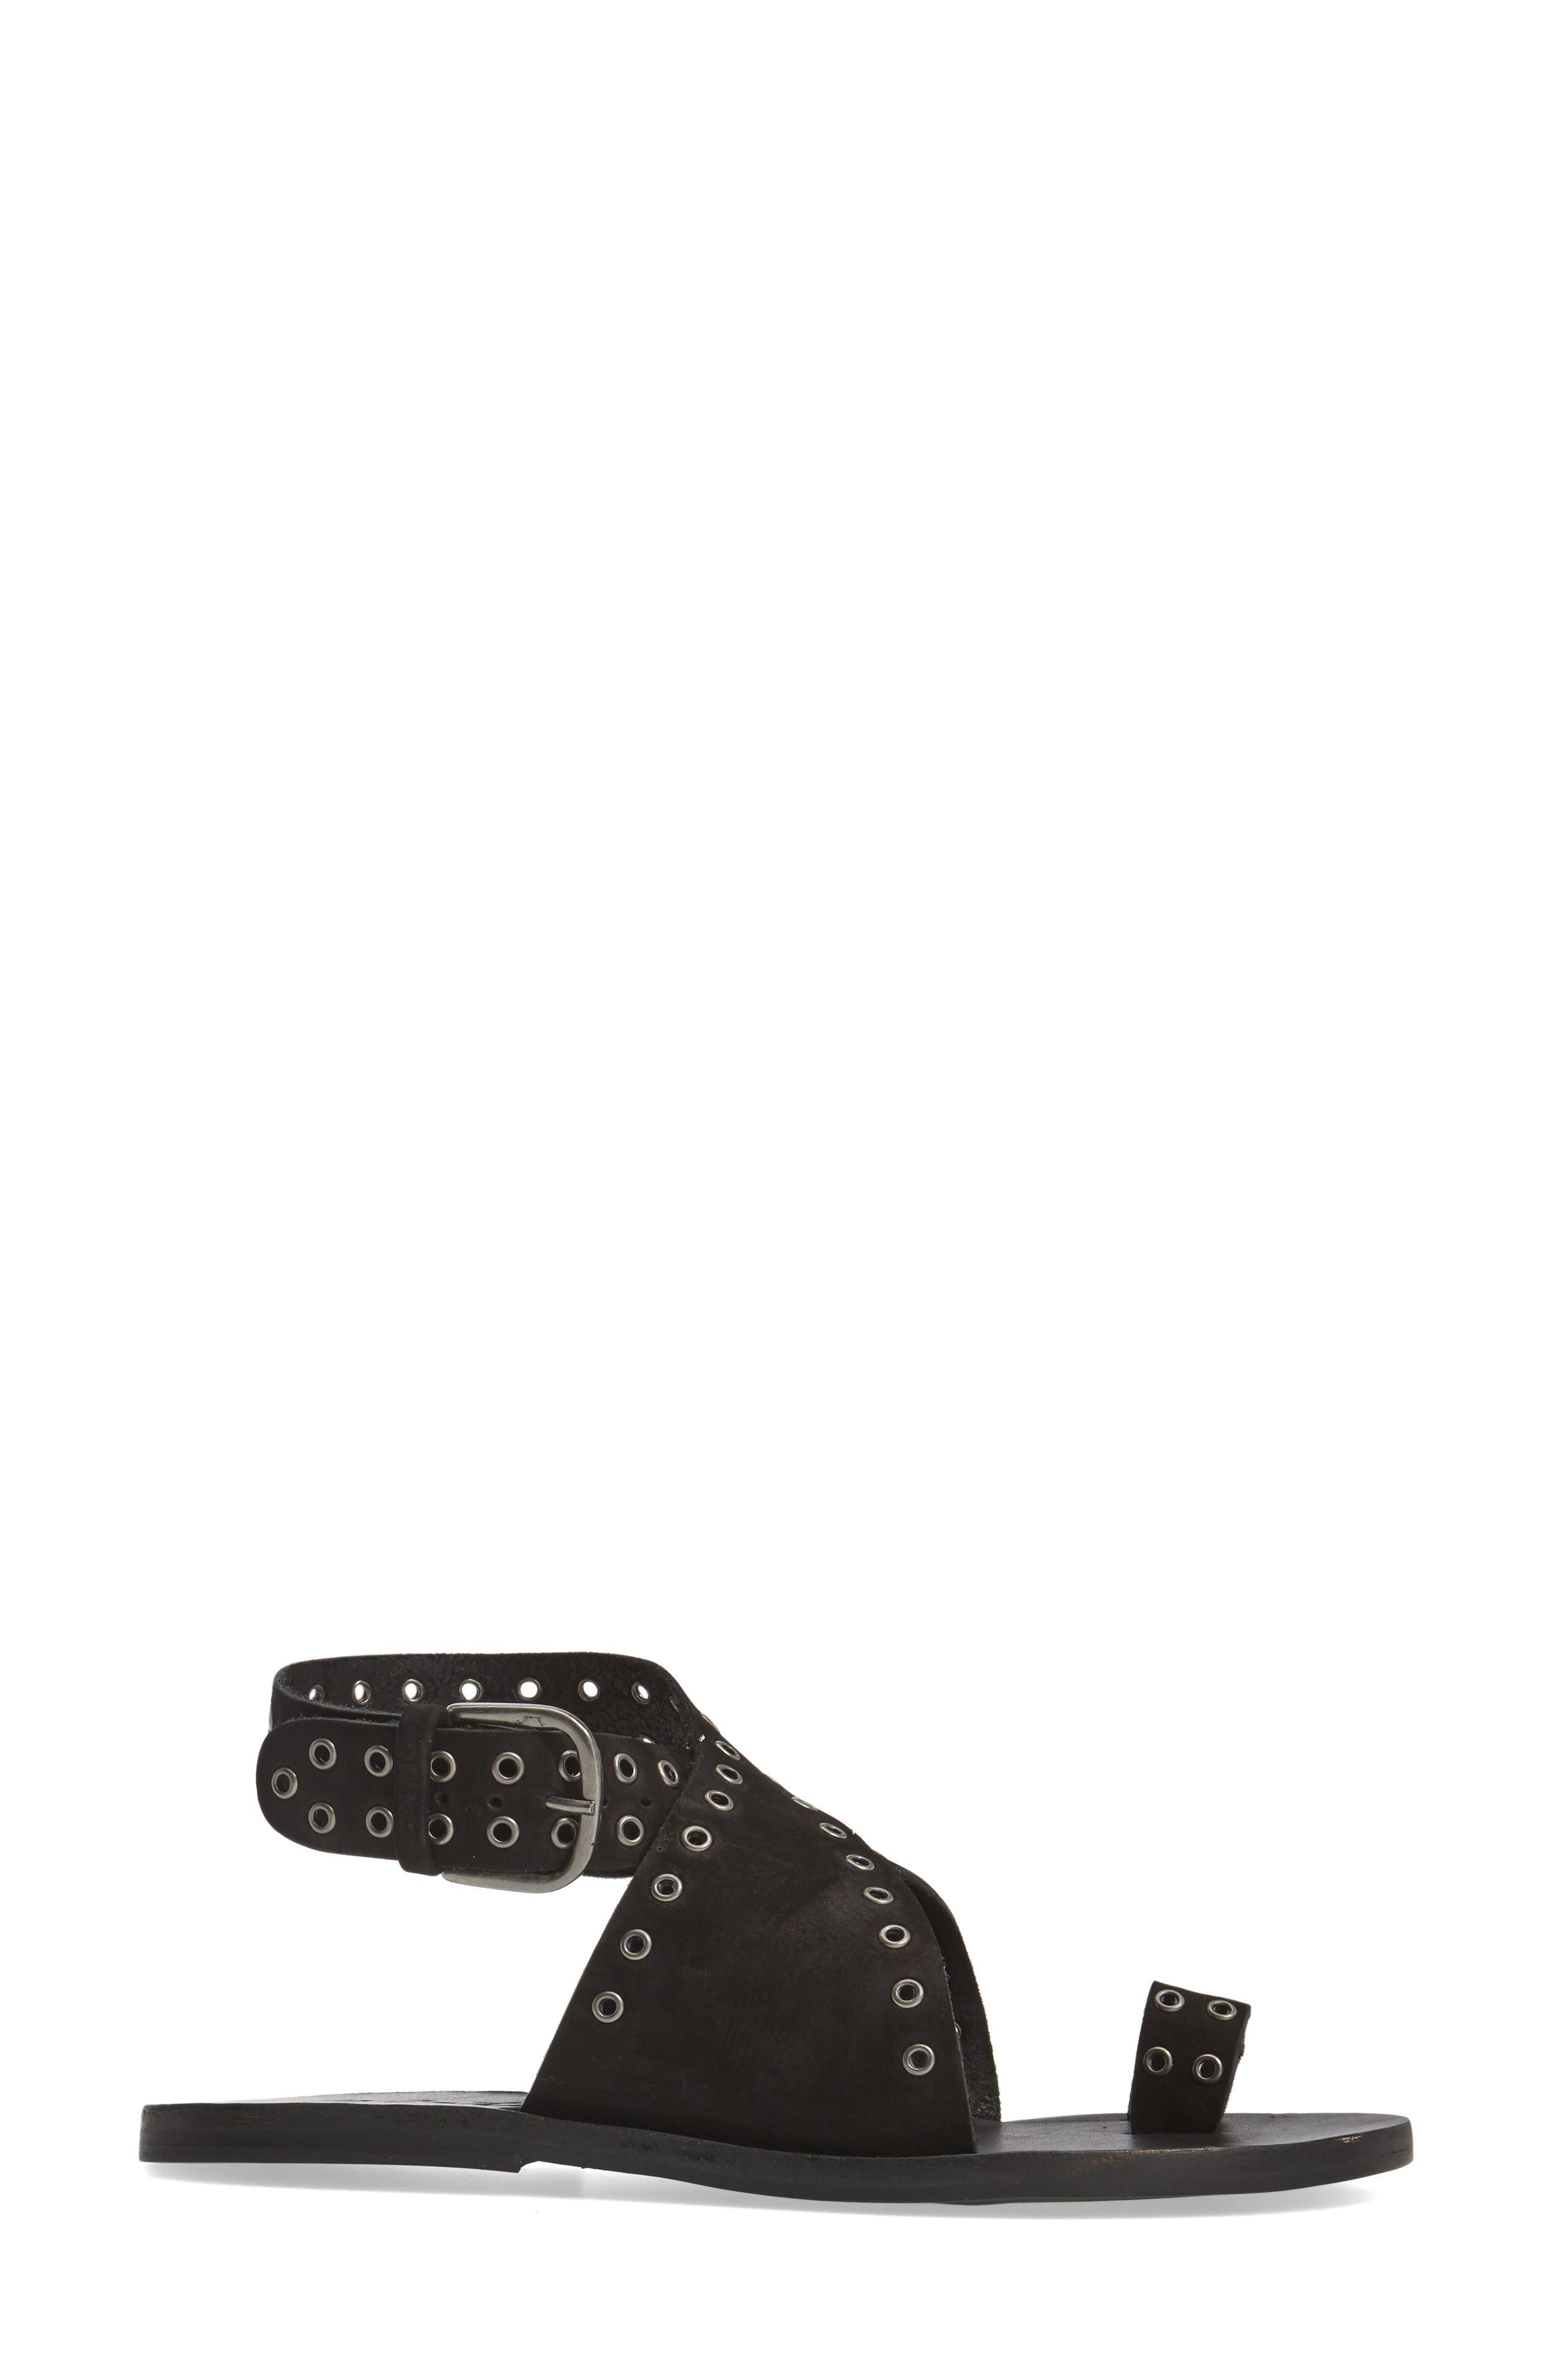 Starling Grommet Sandal,                             Alternate thumbnail 5, color,